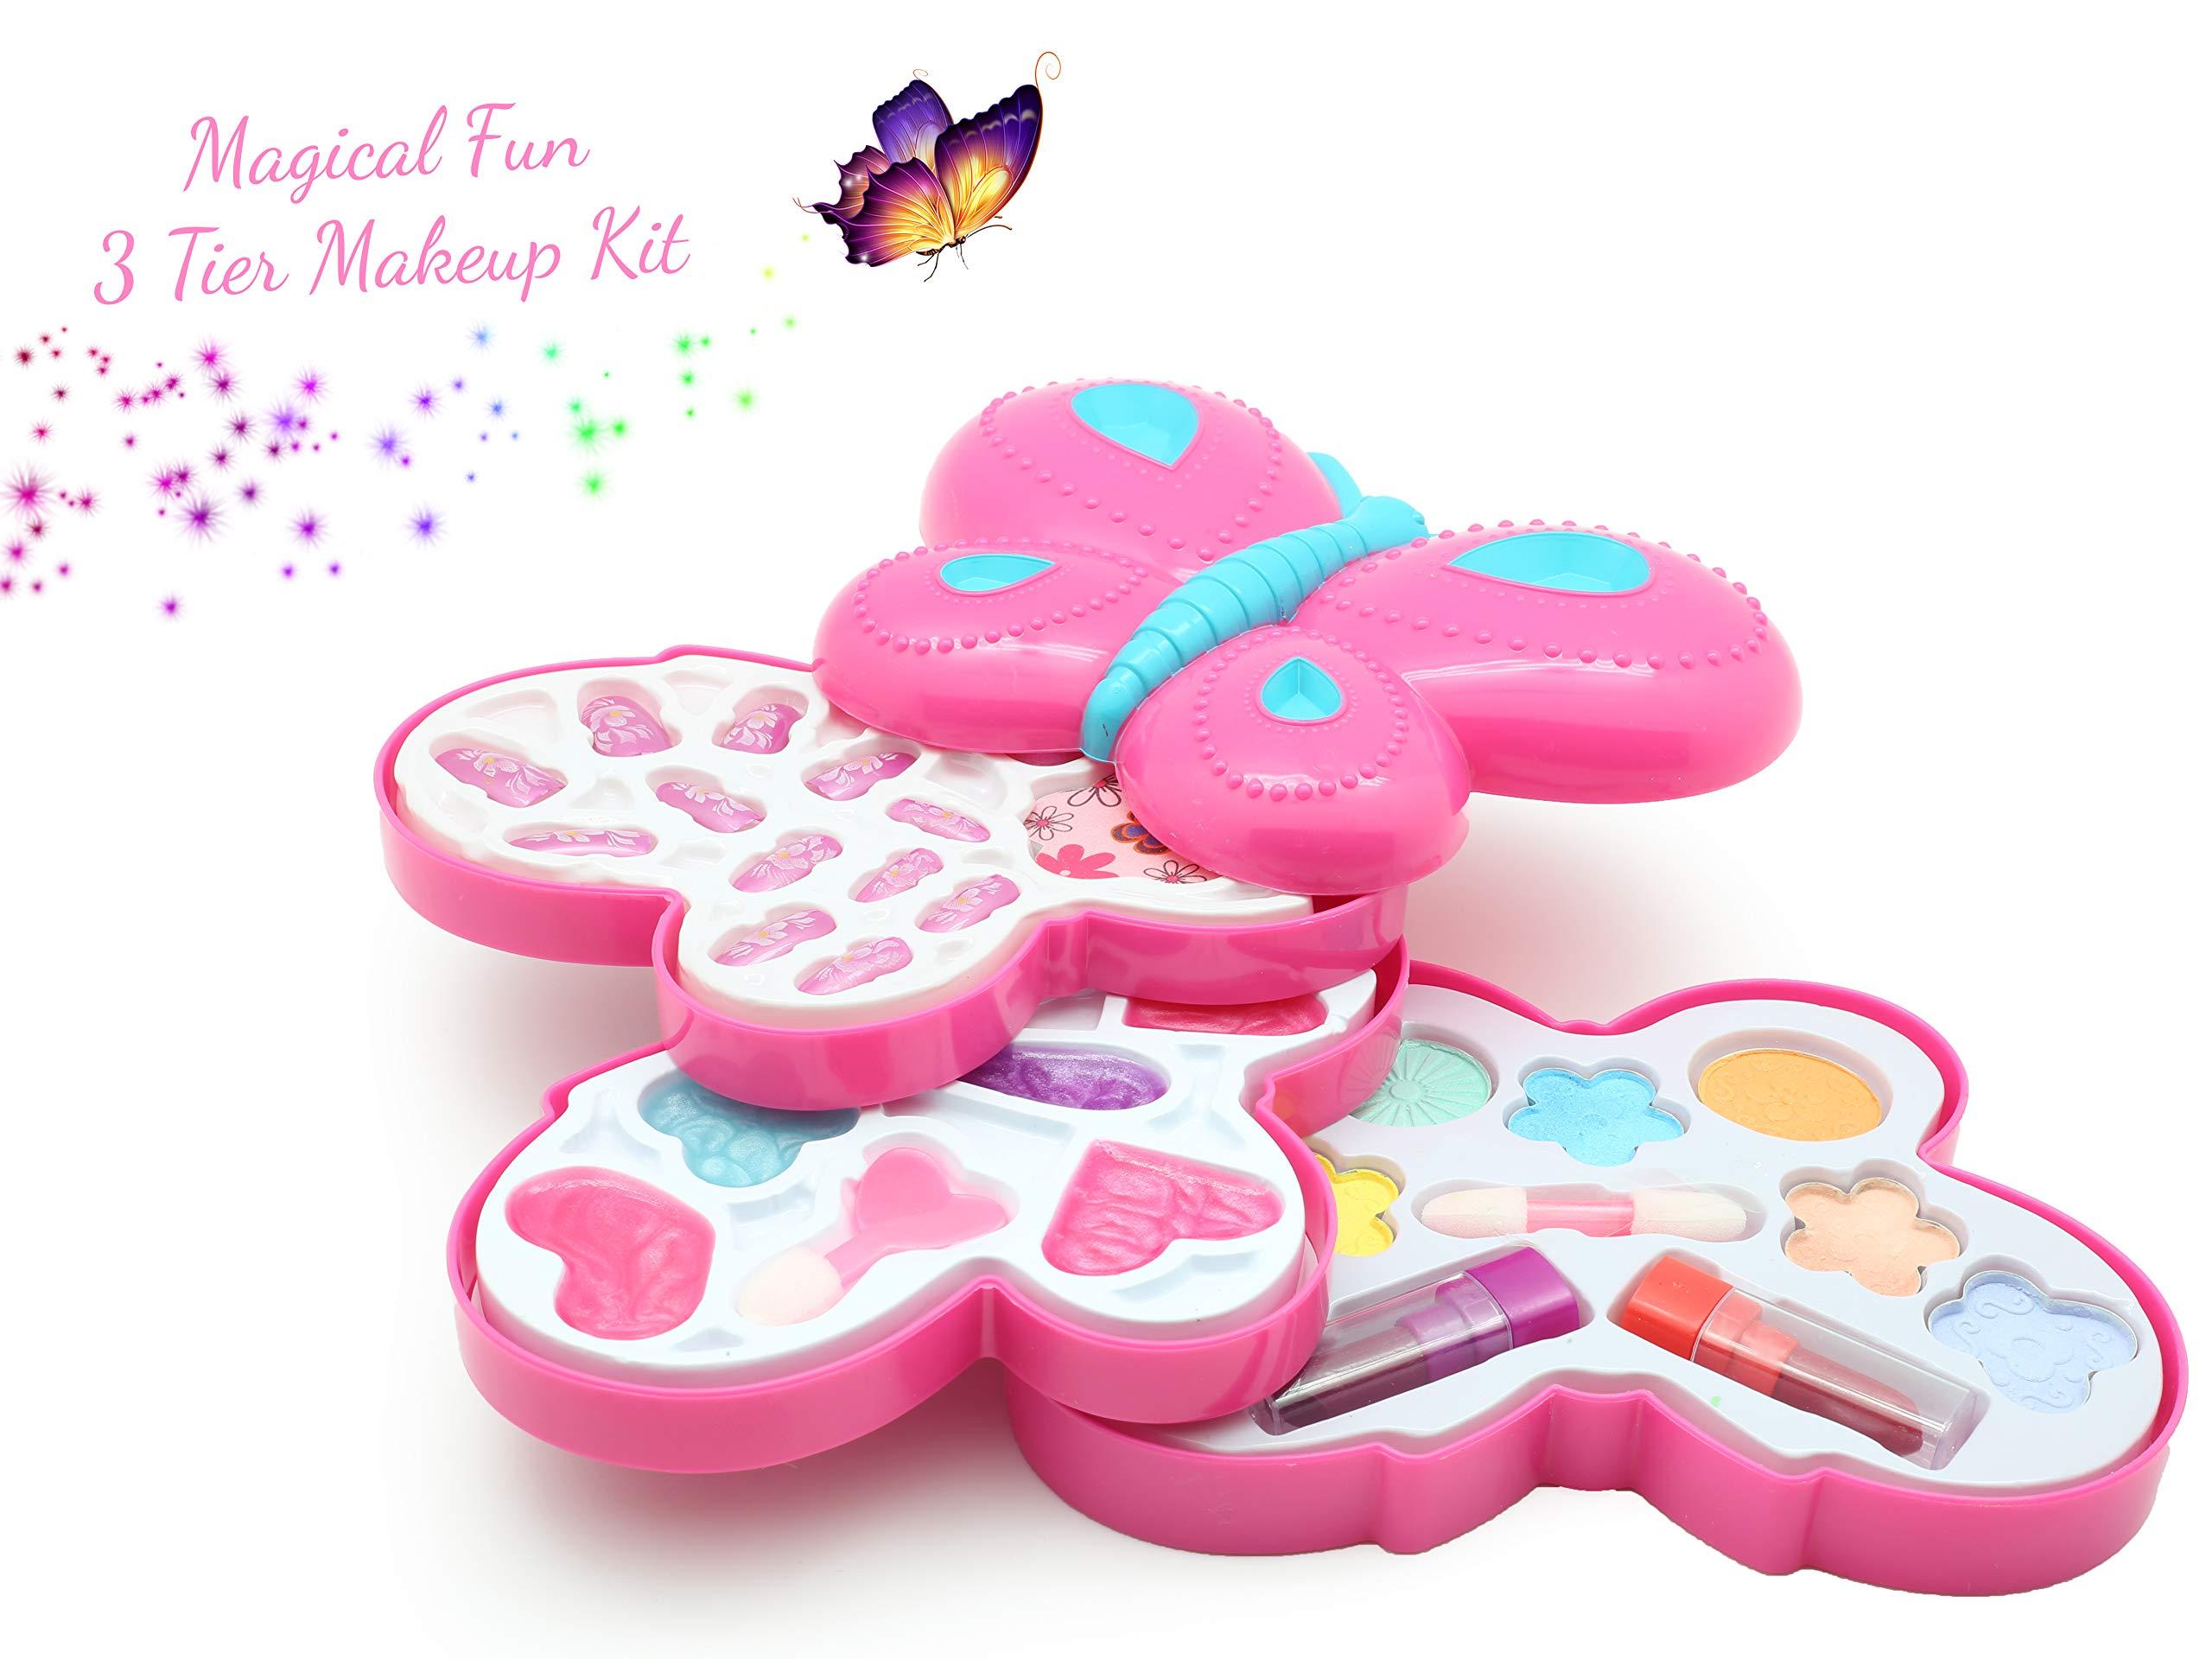 KreativeKraft Kids Make Up Set Children Makeup for Girls Fancy Dress Accessory Beauty Case Butterfly